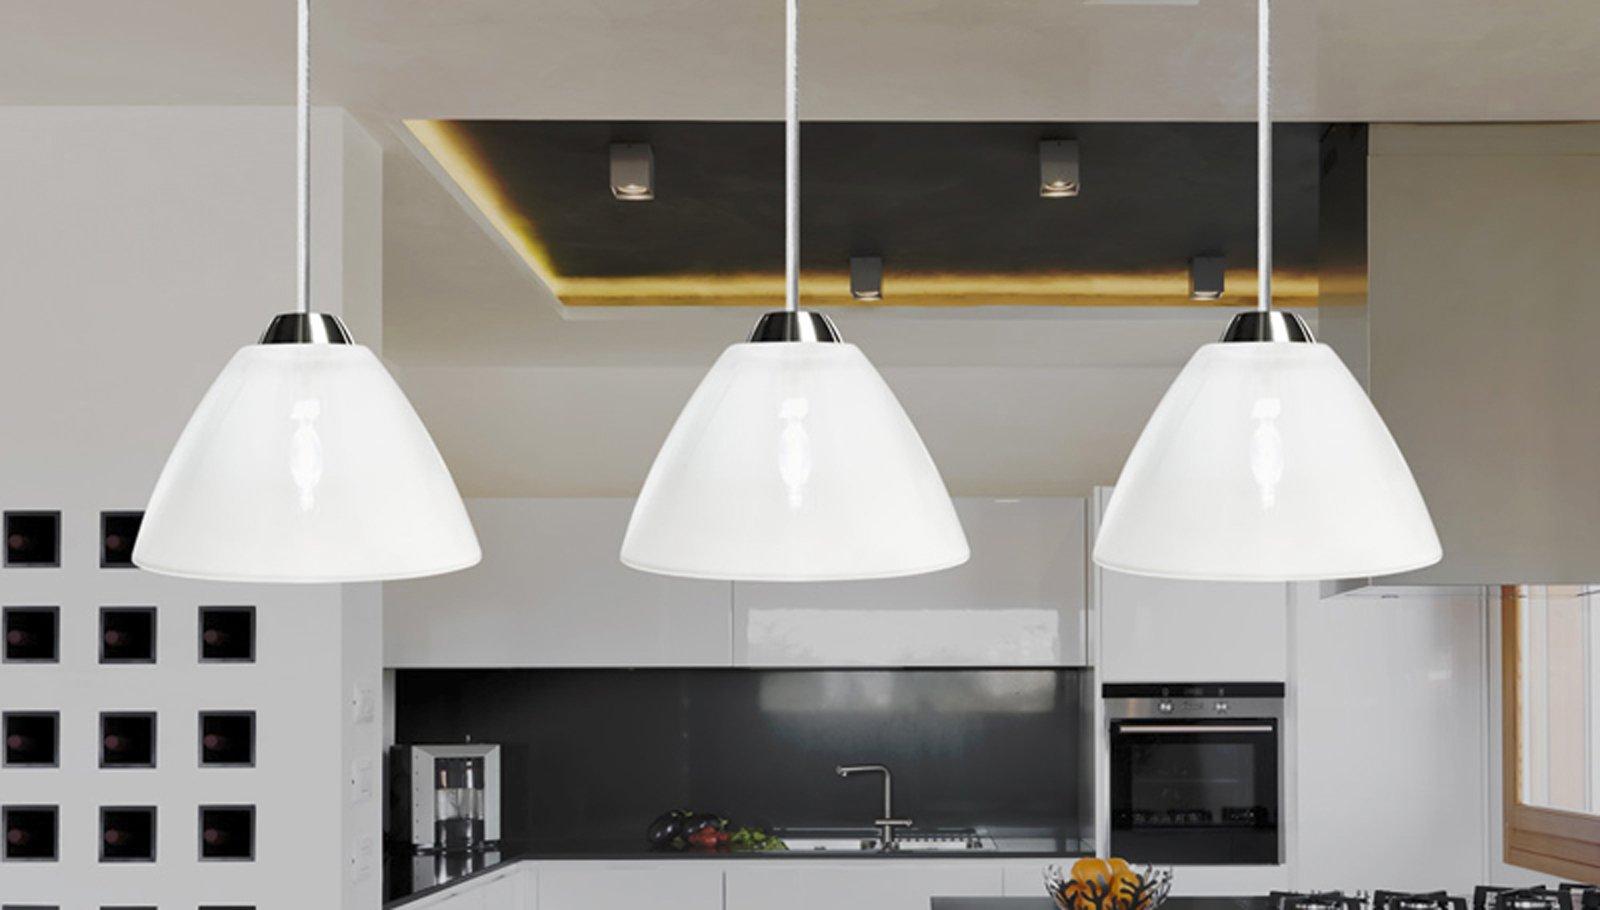 Lampadari a quale altezza appenderli cose di casa for Lampadari x cucina moderna